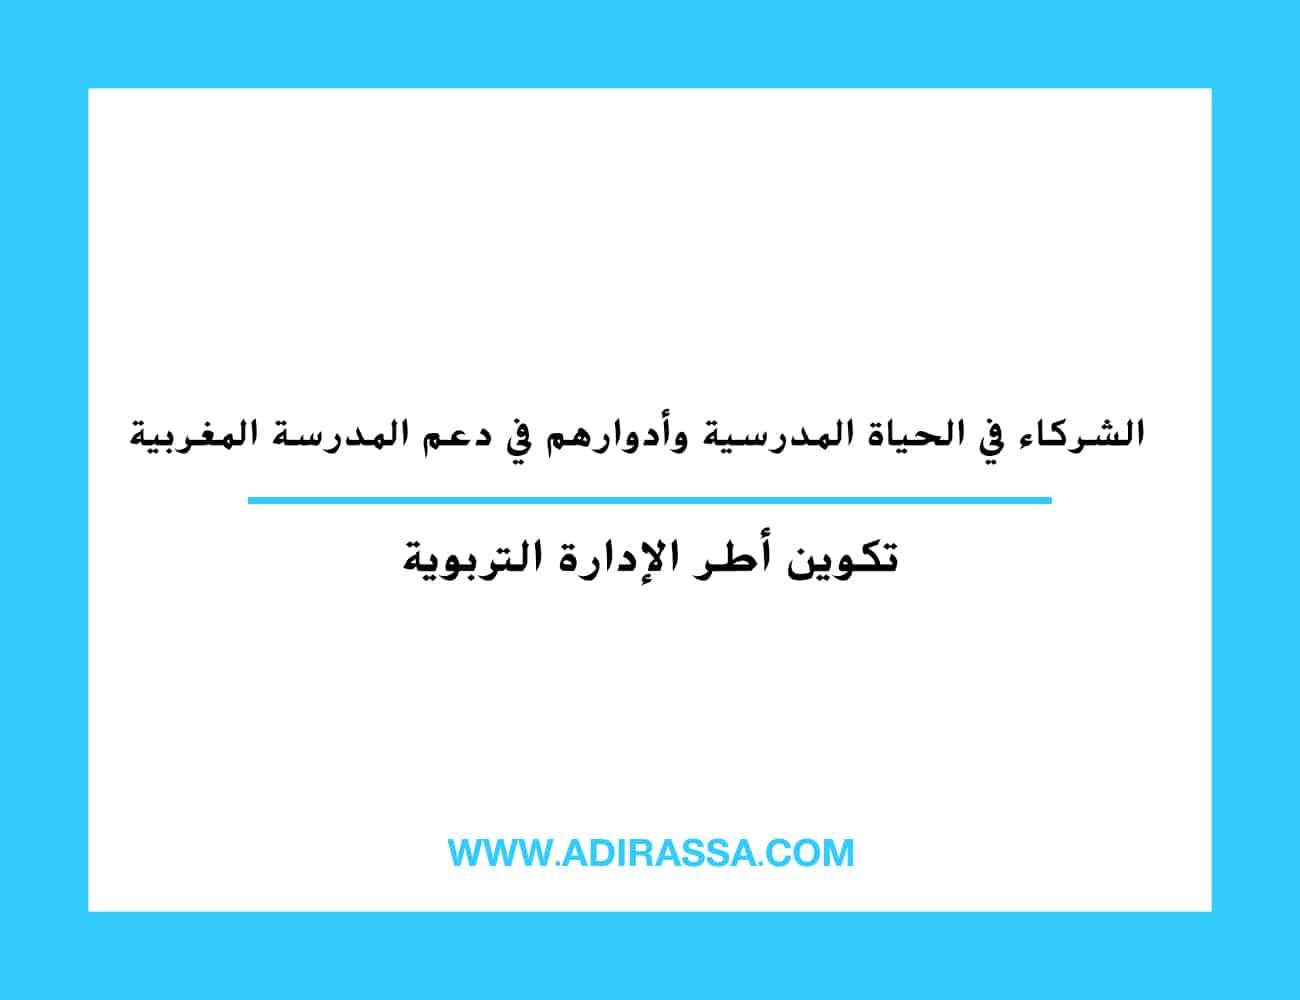 الشركاء في الحياة المدرسية وأدوارهم في دعم المدرسة المغربية